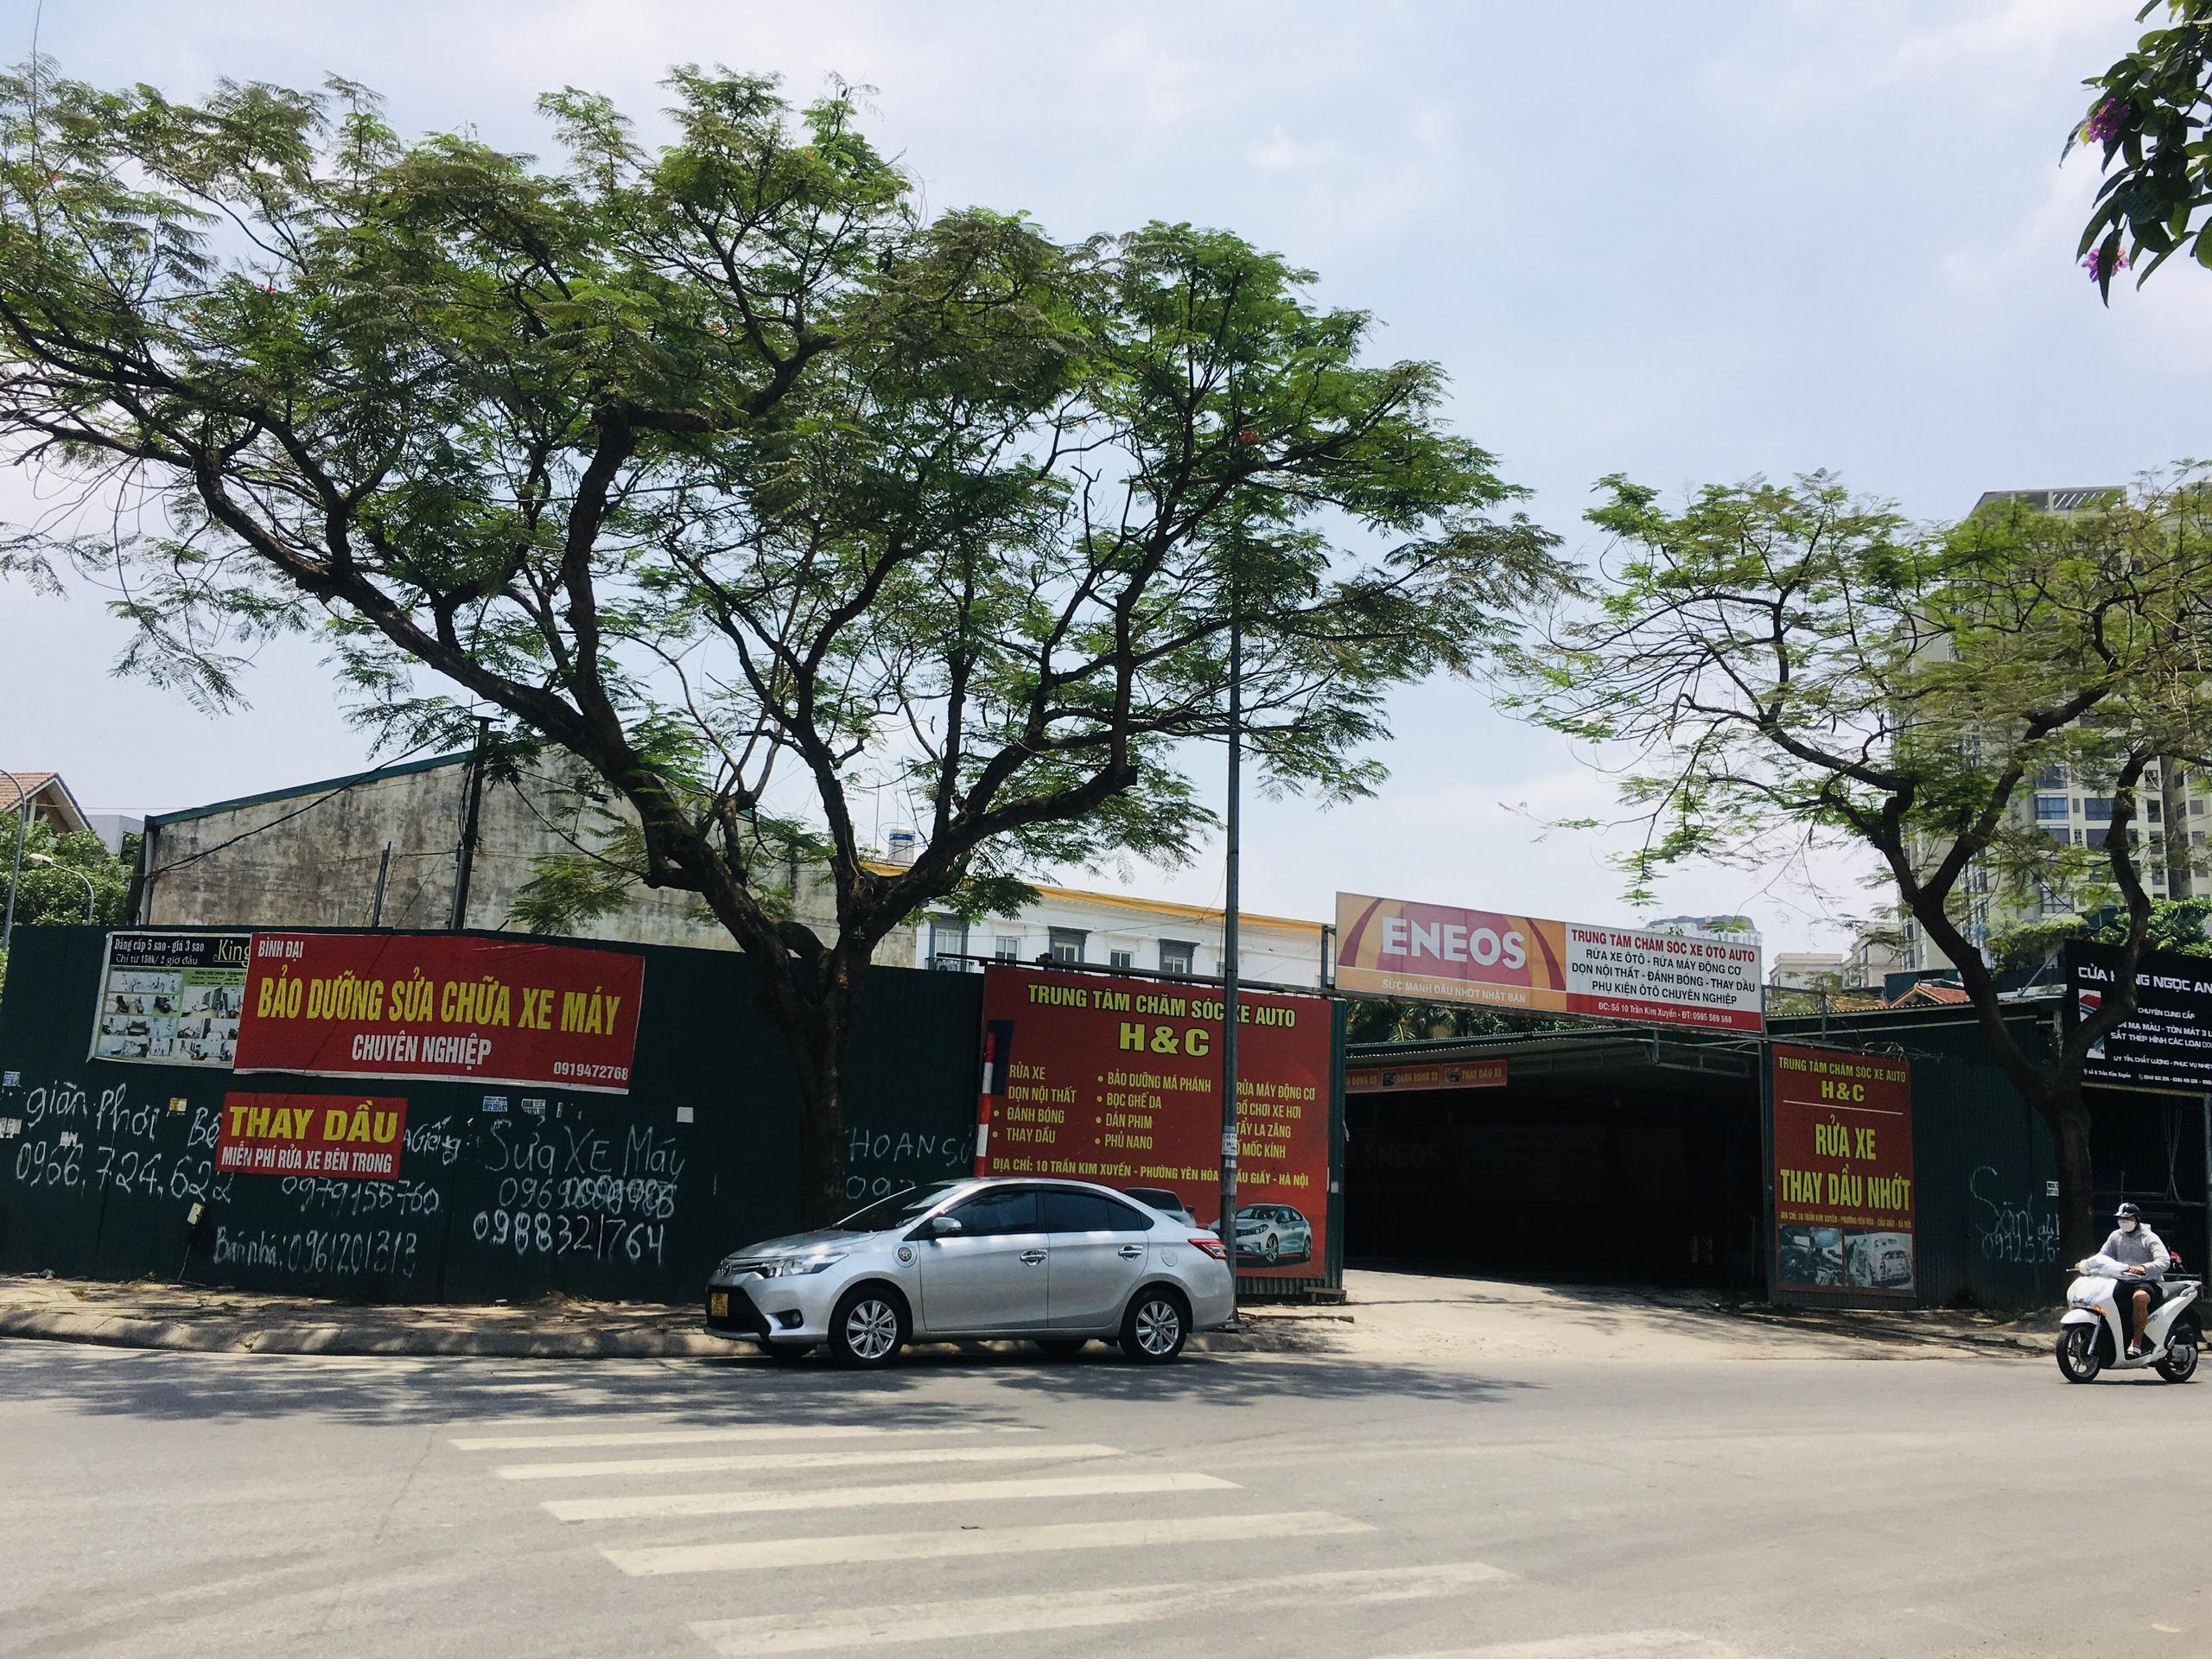 Những khu đất dính quy hoạch ở phường Yên Hòa, Cầu Giấy, Hà Nội (phần 2)  - Ảnh 21.